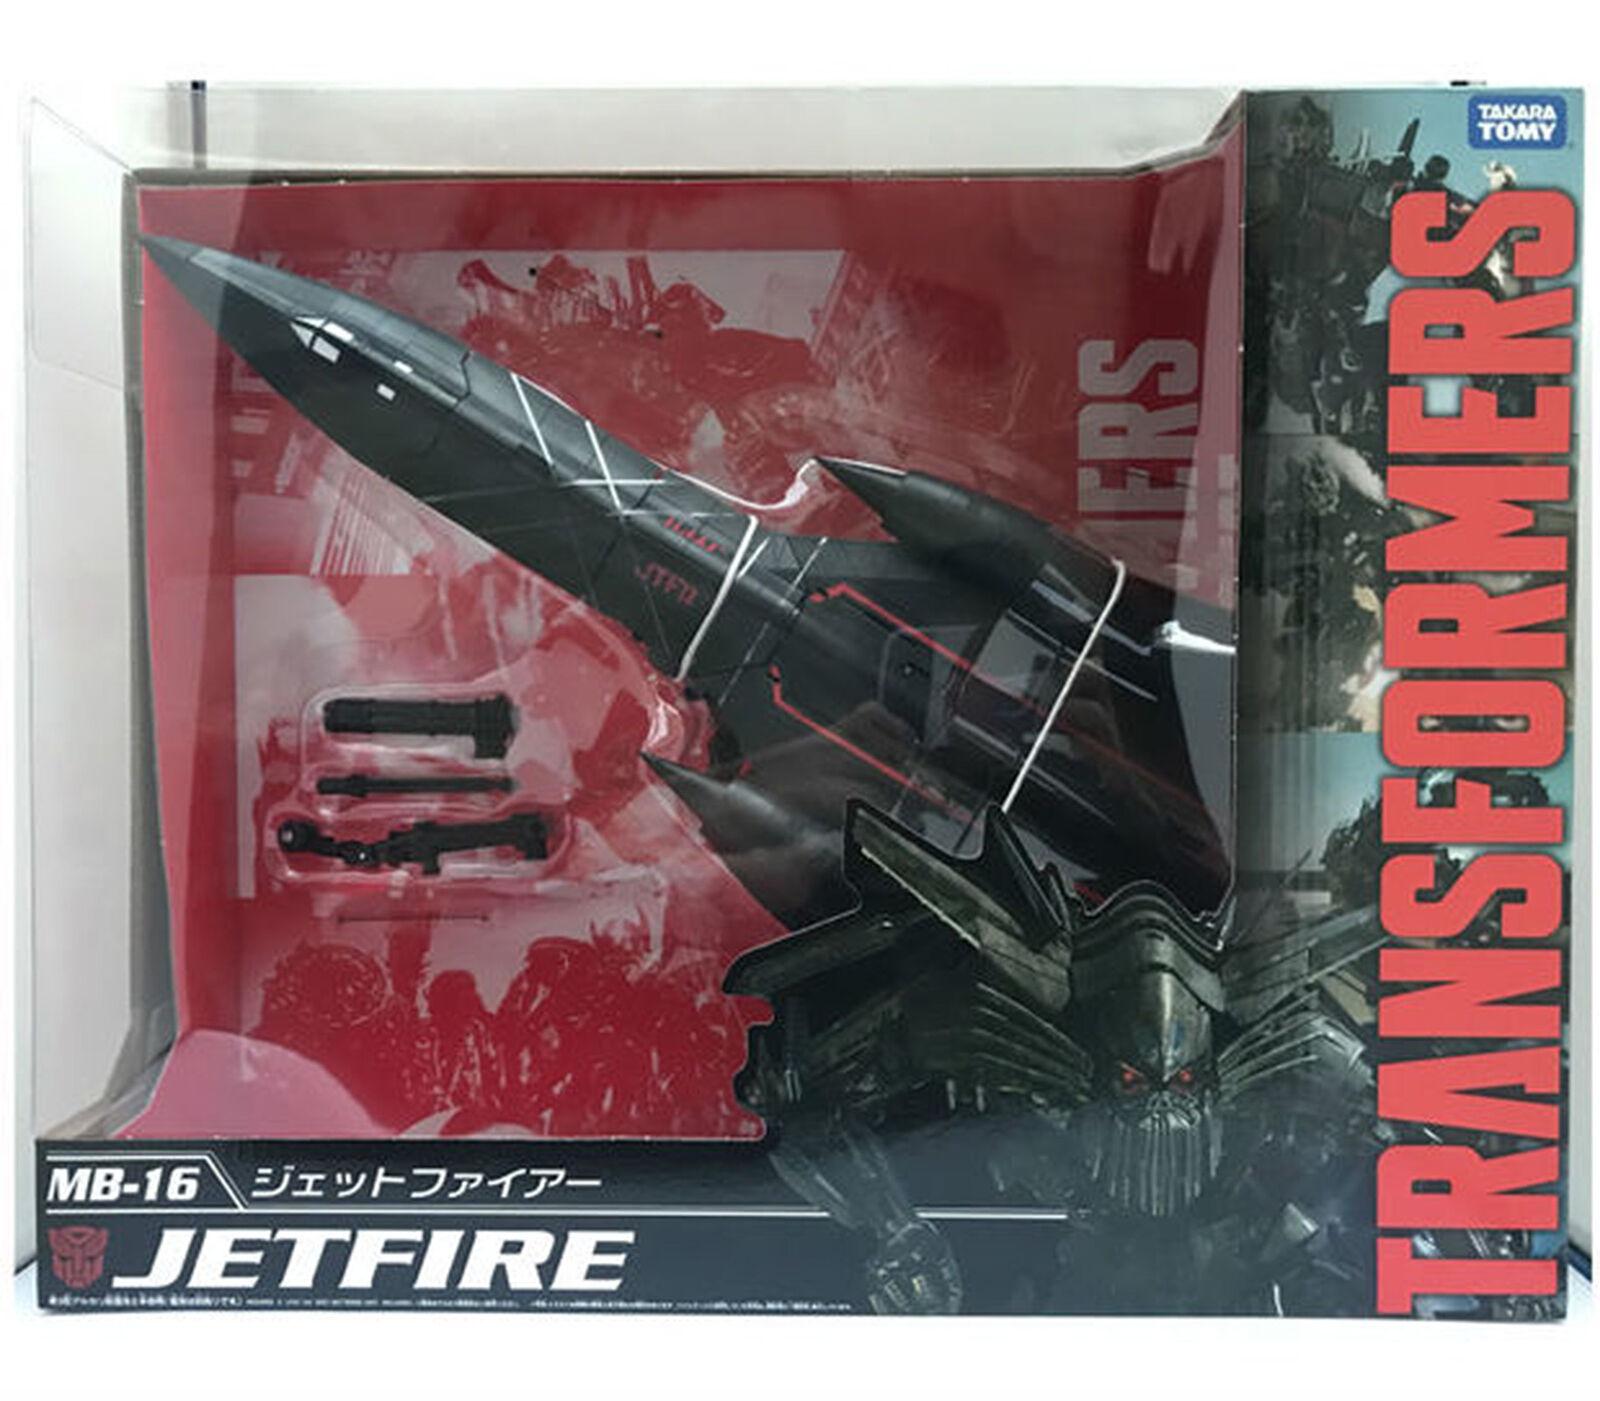 Transformers Película El Mejor MB-16 Jetfire Figura De Acción Juguete 10th aniversario